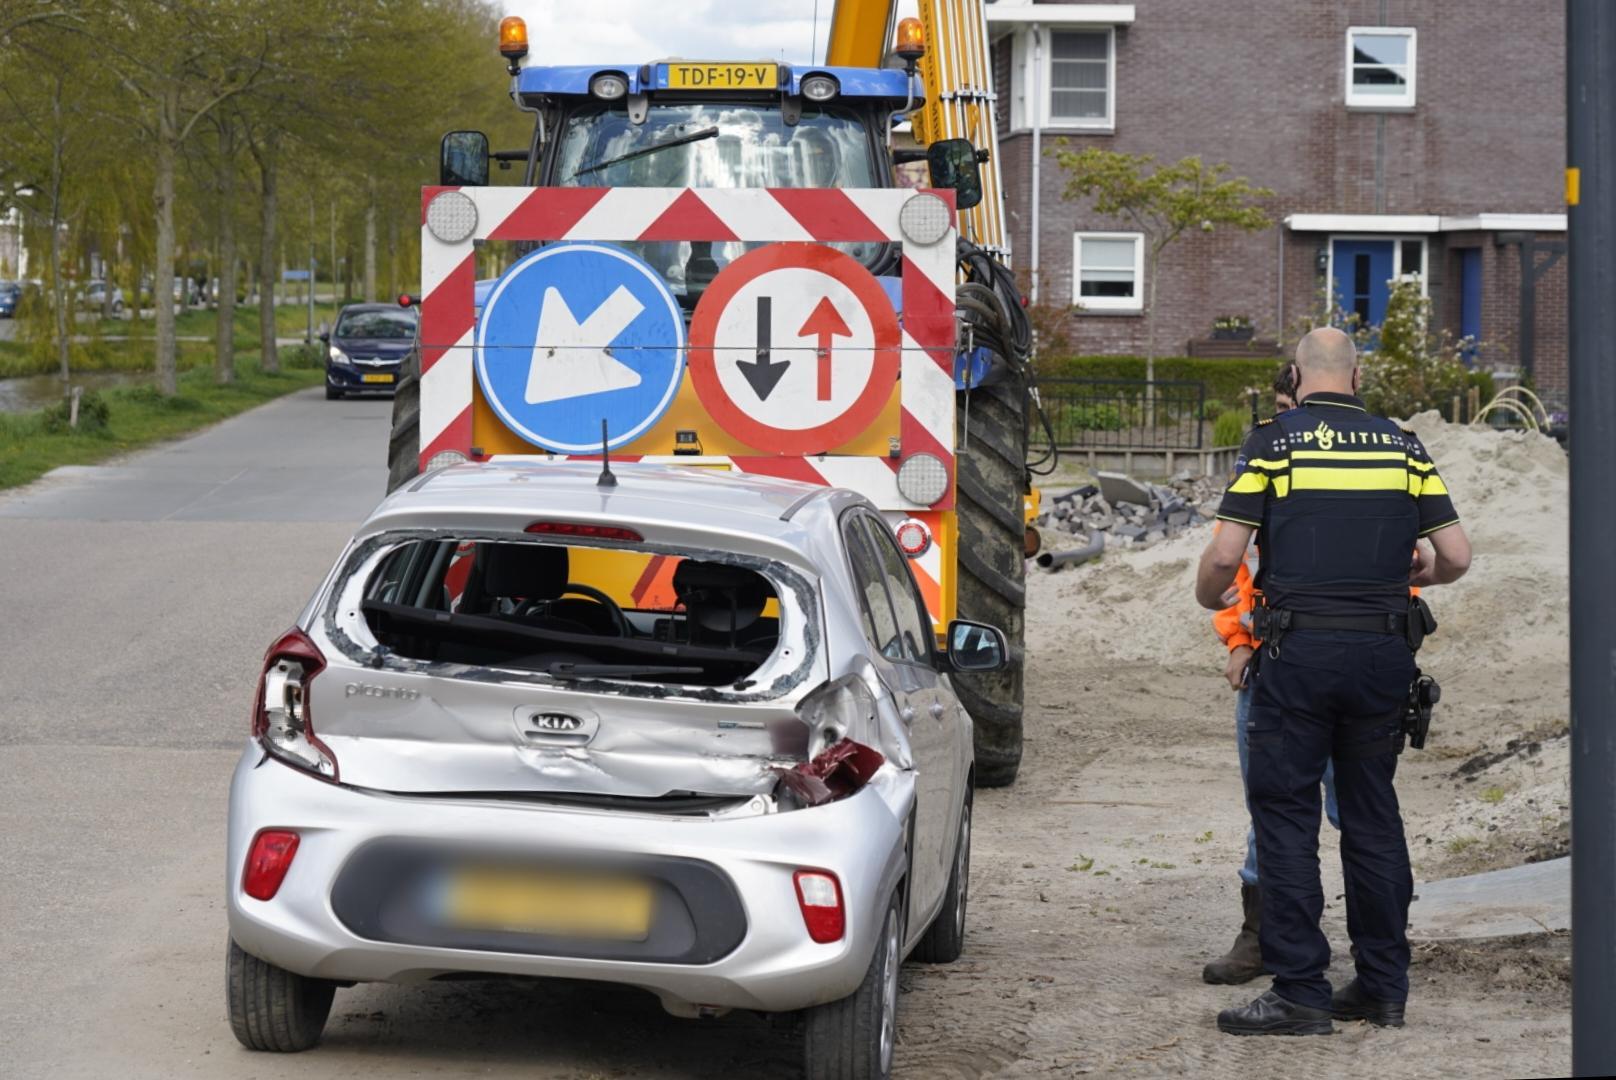 Tractorbestuurder rijdt bovenop auto in Wieringerwaard, kind aan boord is ongedeerd maar schade is fors